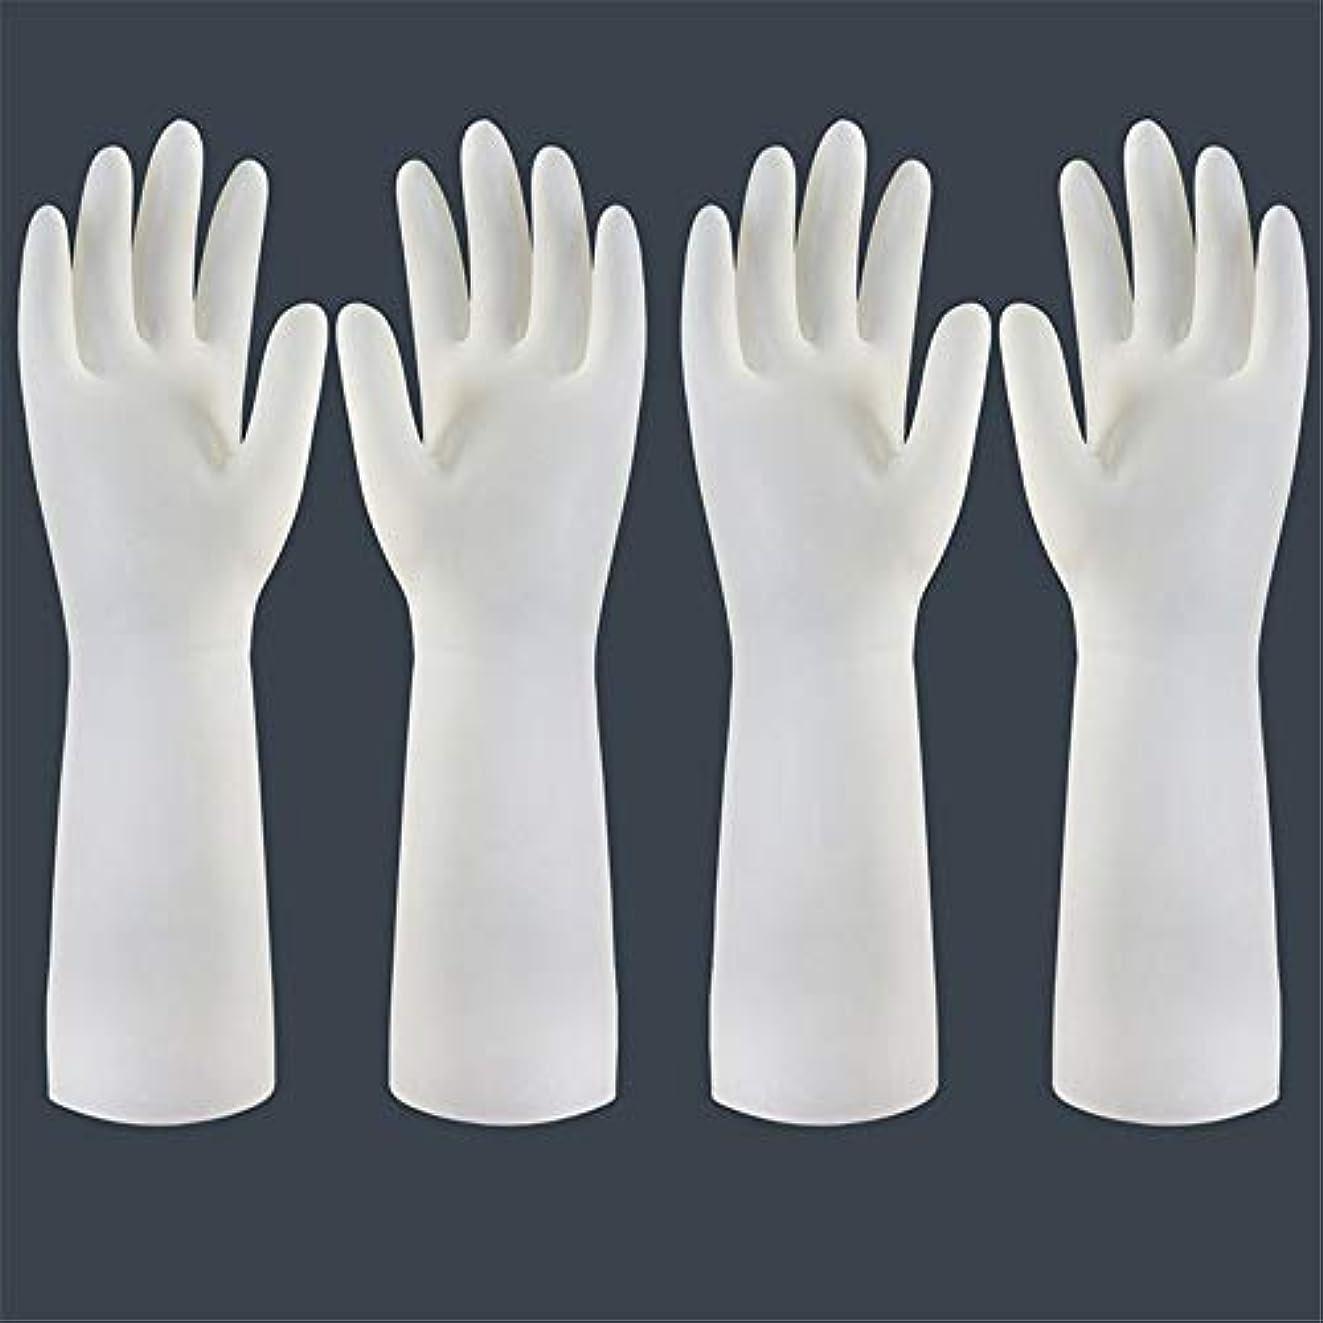 口述する姓パーティション使い捨て手袋 使い捨て手袋の防水および耐久のゴム製台所手袋、小/中/大 ニトリルゴム手袋 (Color : Long-2 pair, Size : S)